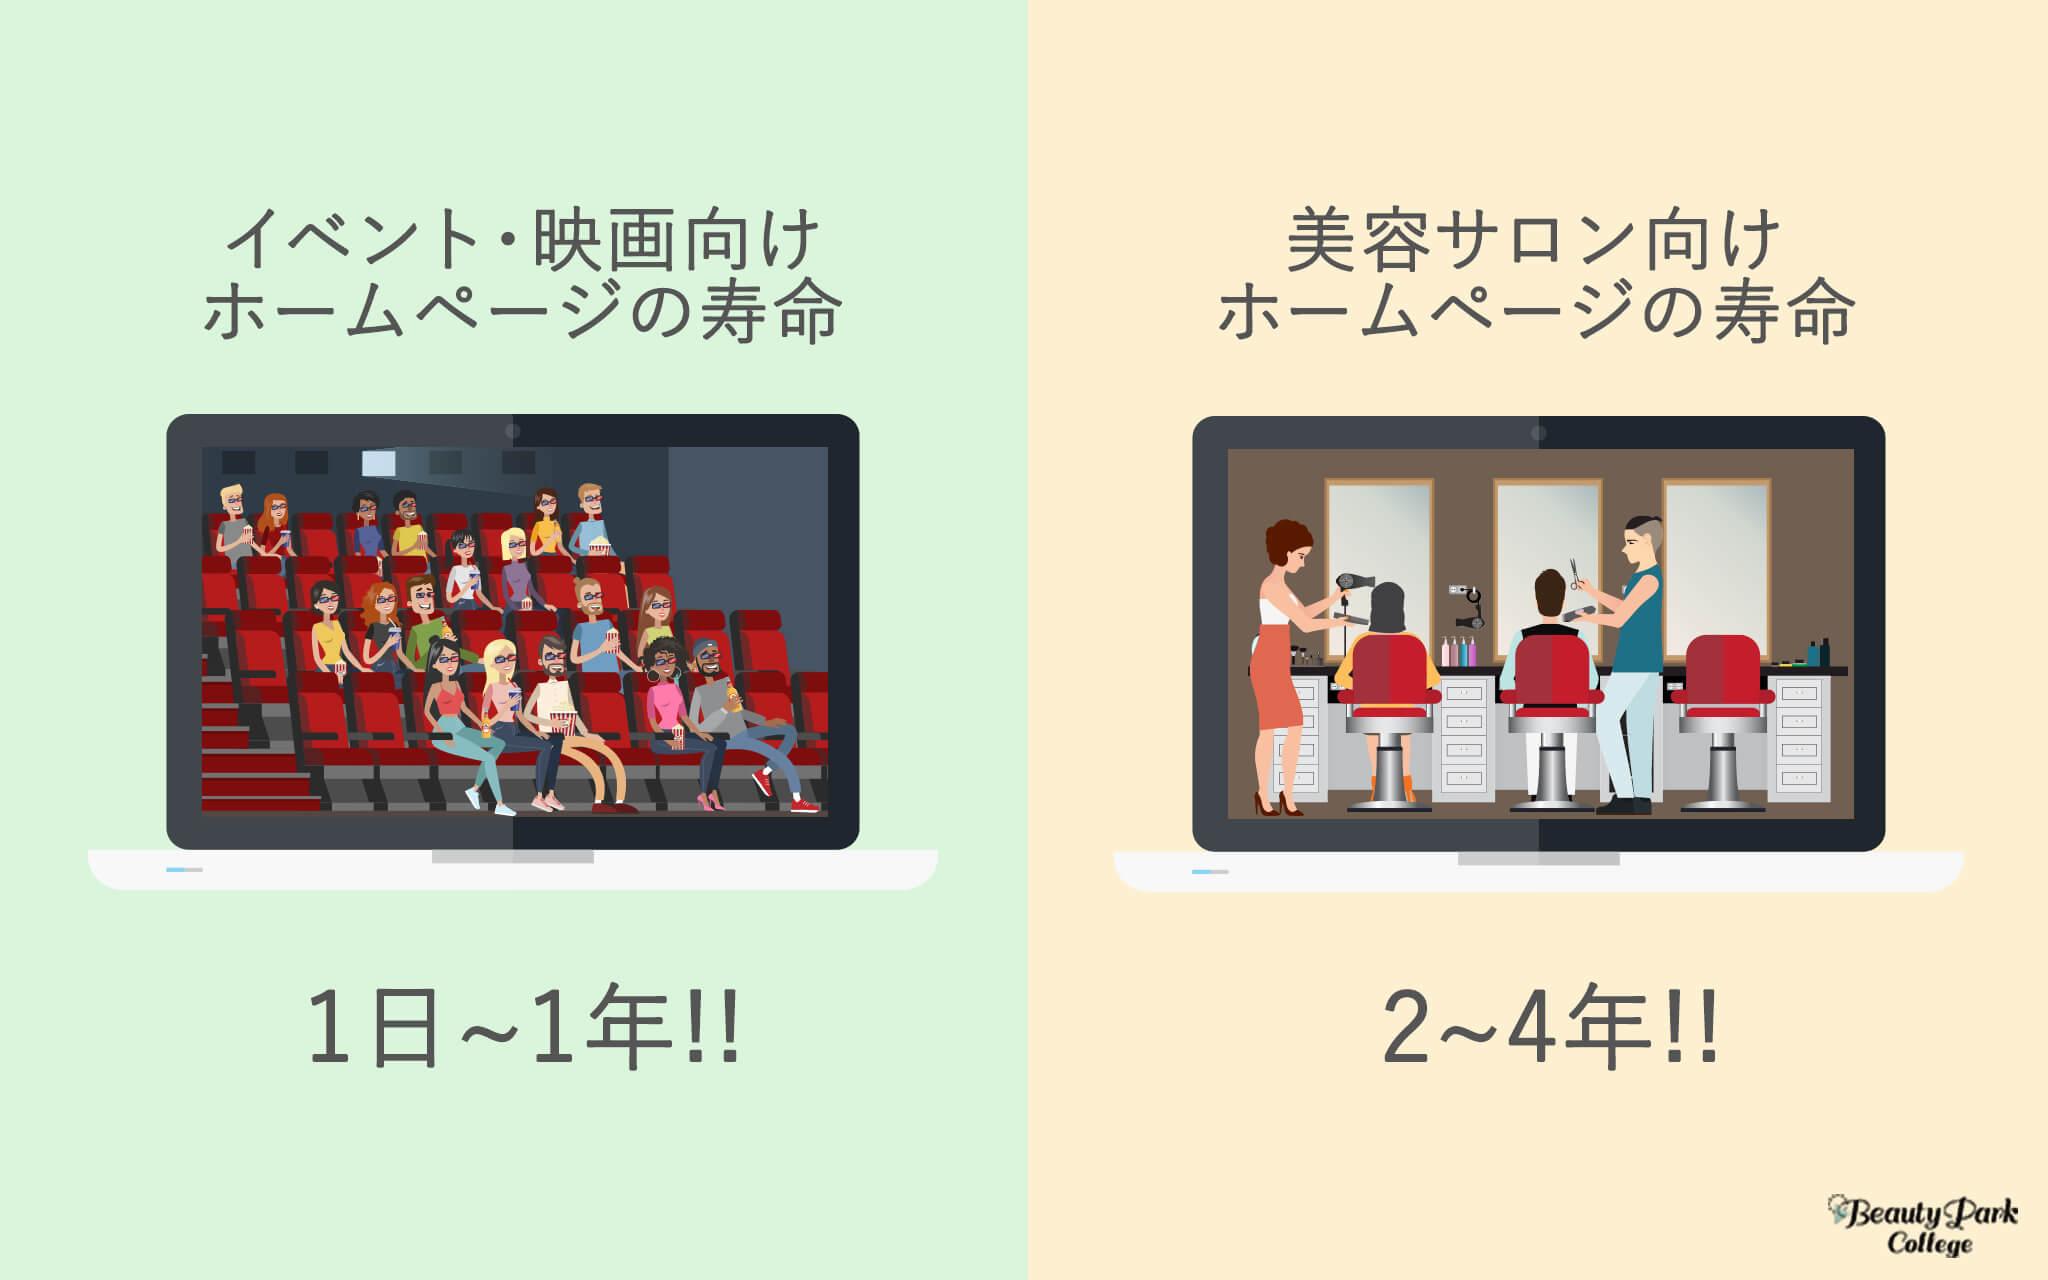 イベント・映画向けホームページの寿命は1日~1年。美容サロン向けホームページの寿命は2~4年